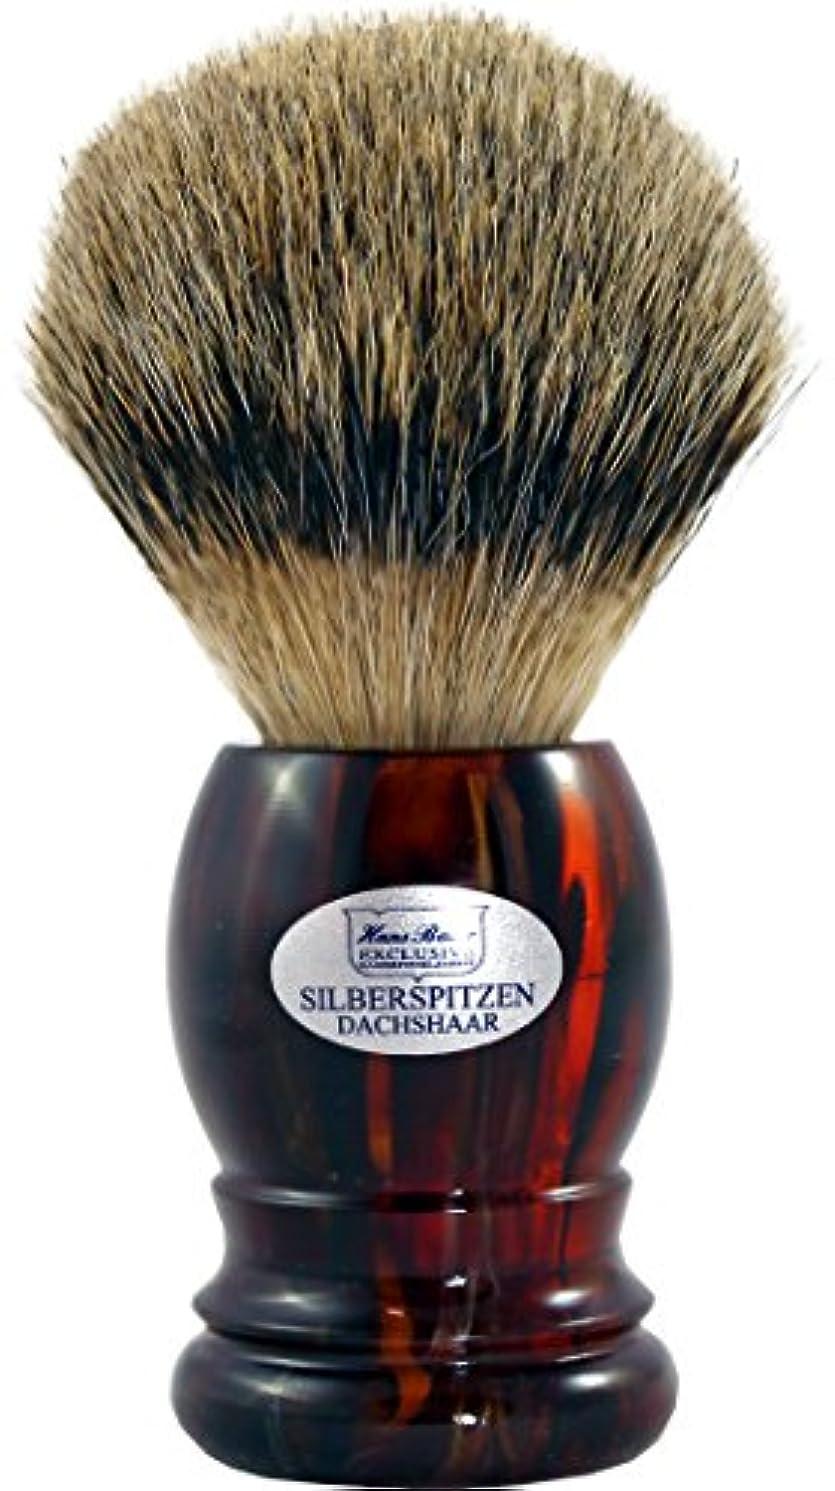 侵入小康数Shaving brush silvertip badger, Havanna handle - Hans Baier Exclusive